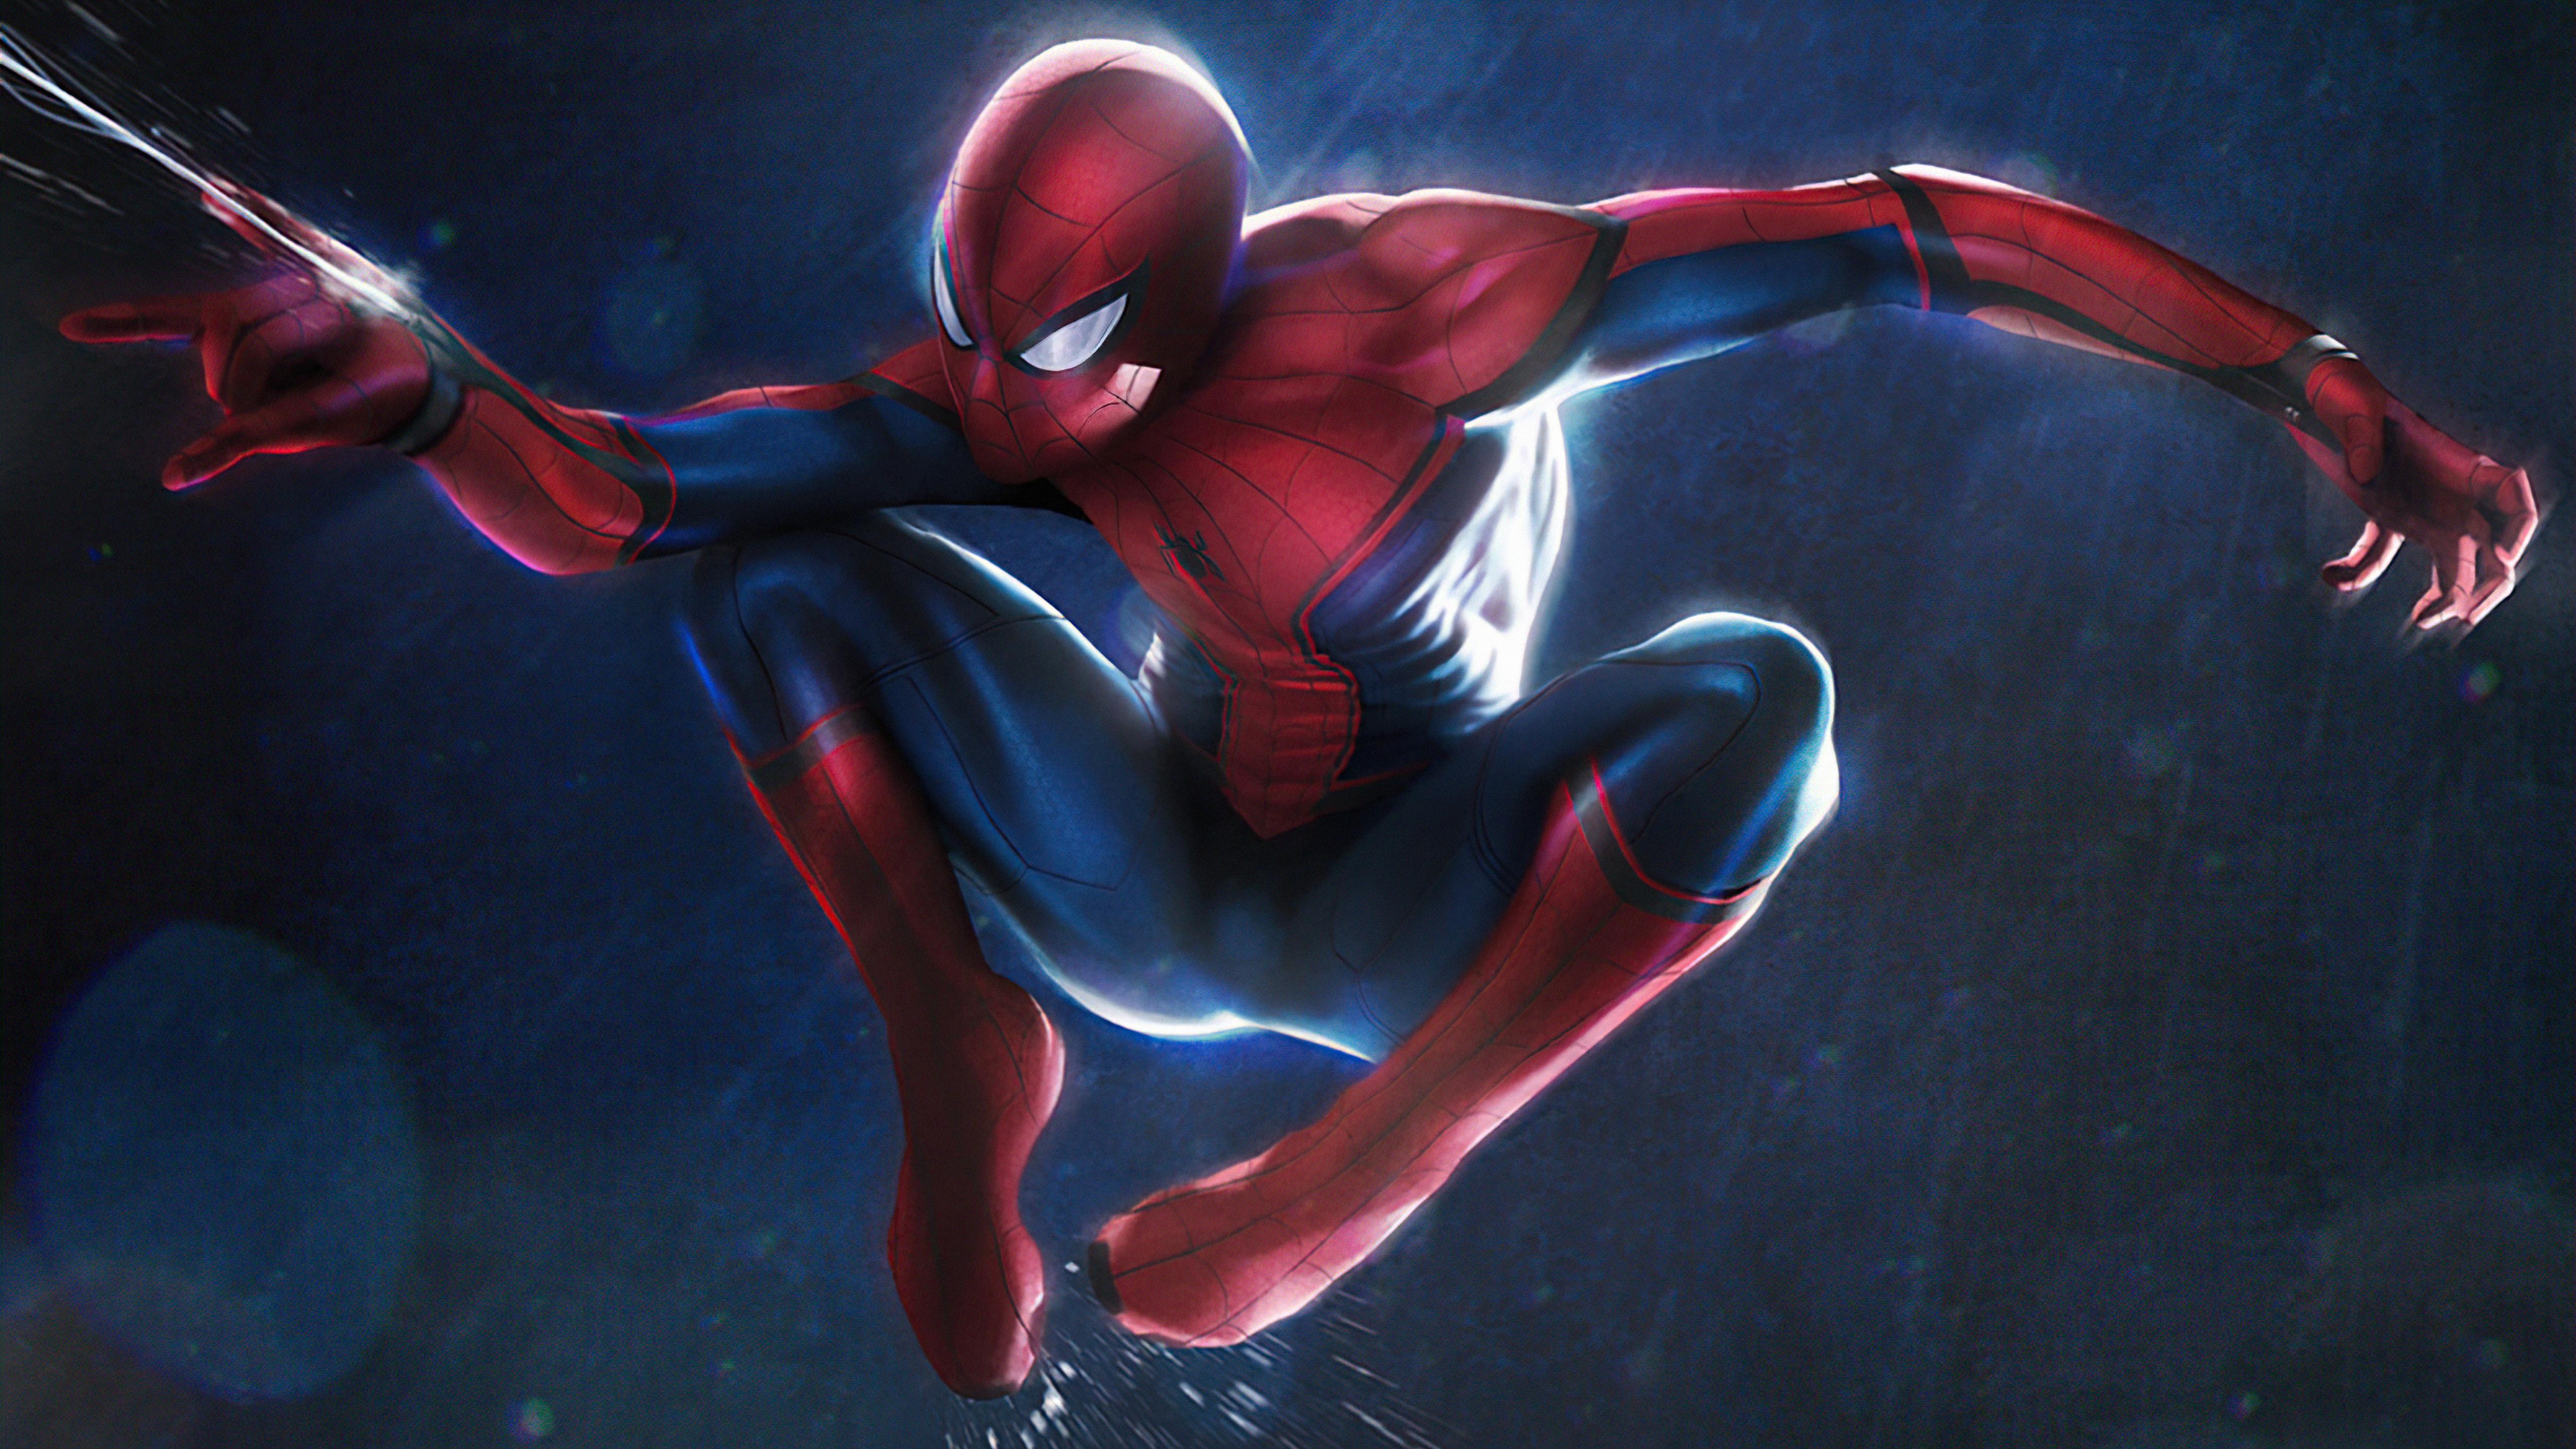 Fondos de pantalla Spider Man balanceandose en la lluvia